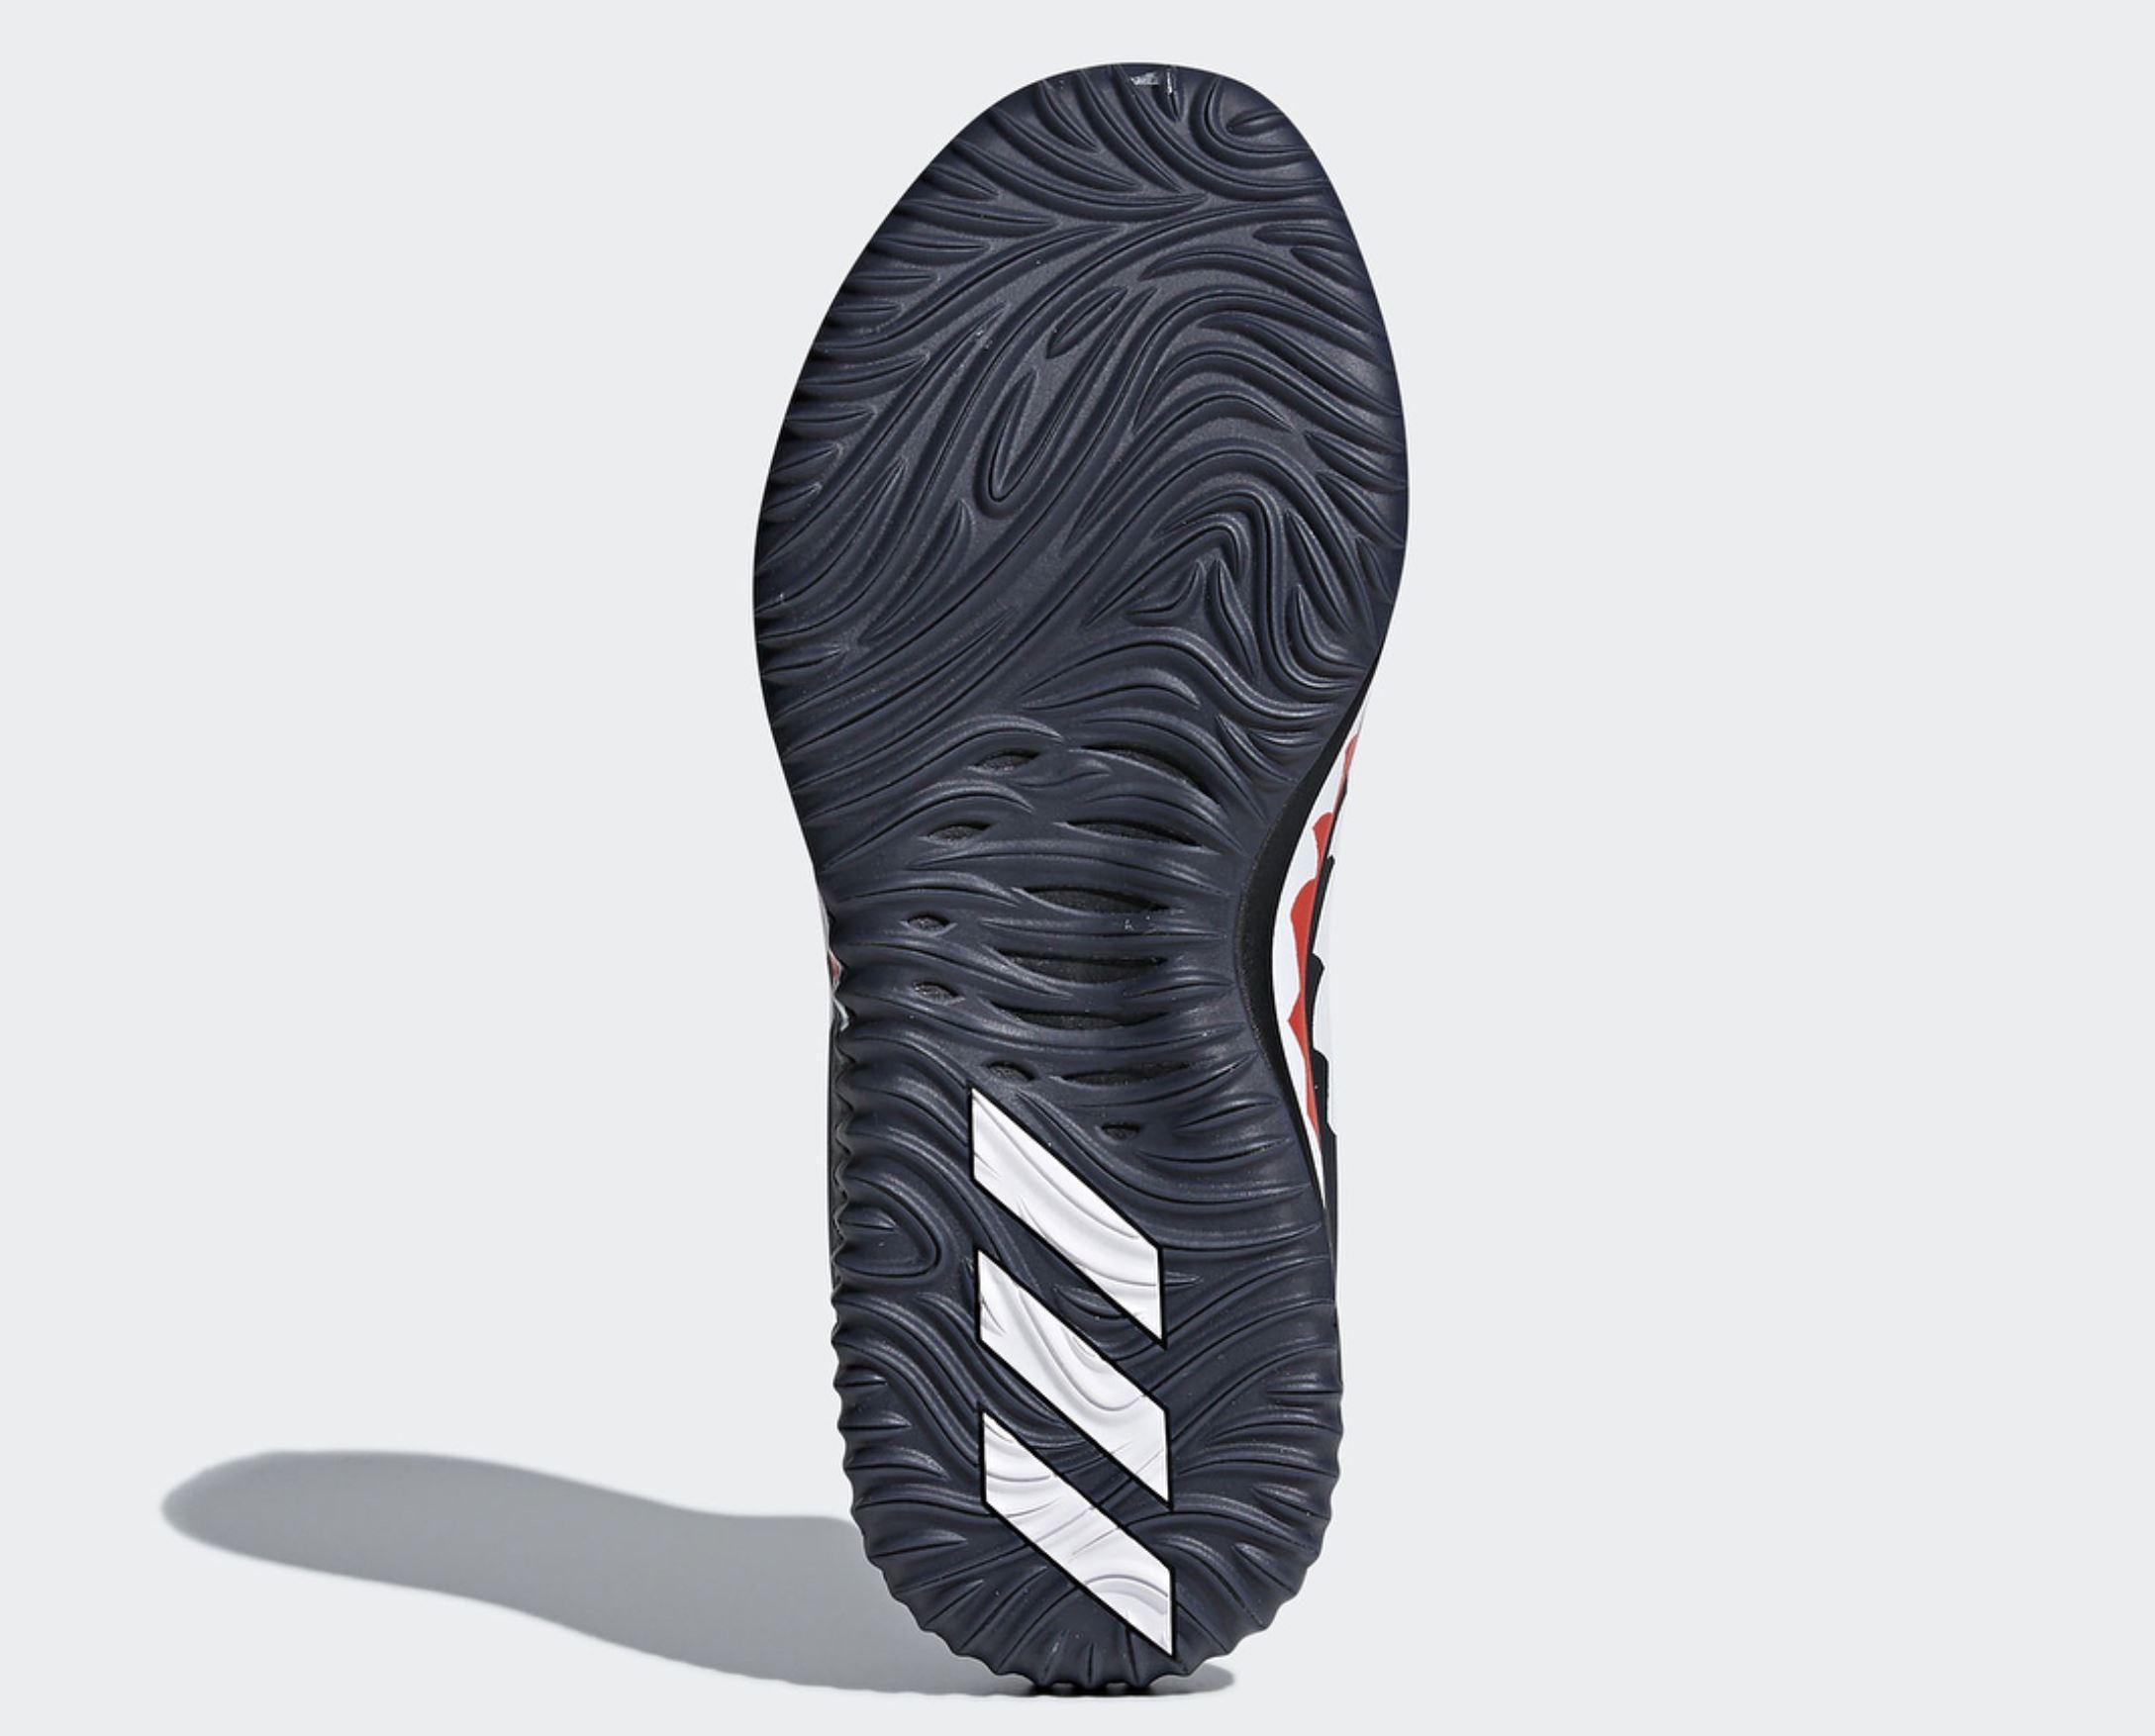 adidas dame 4 BAPE official 16